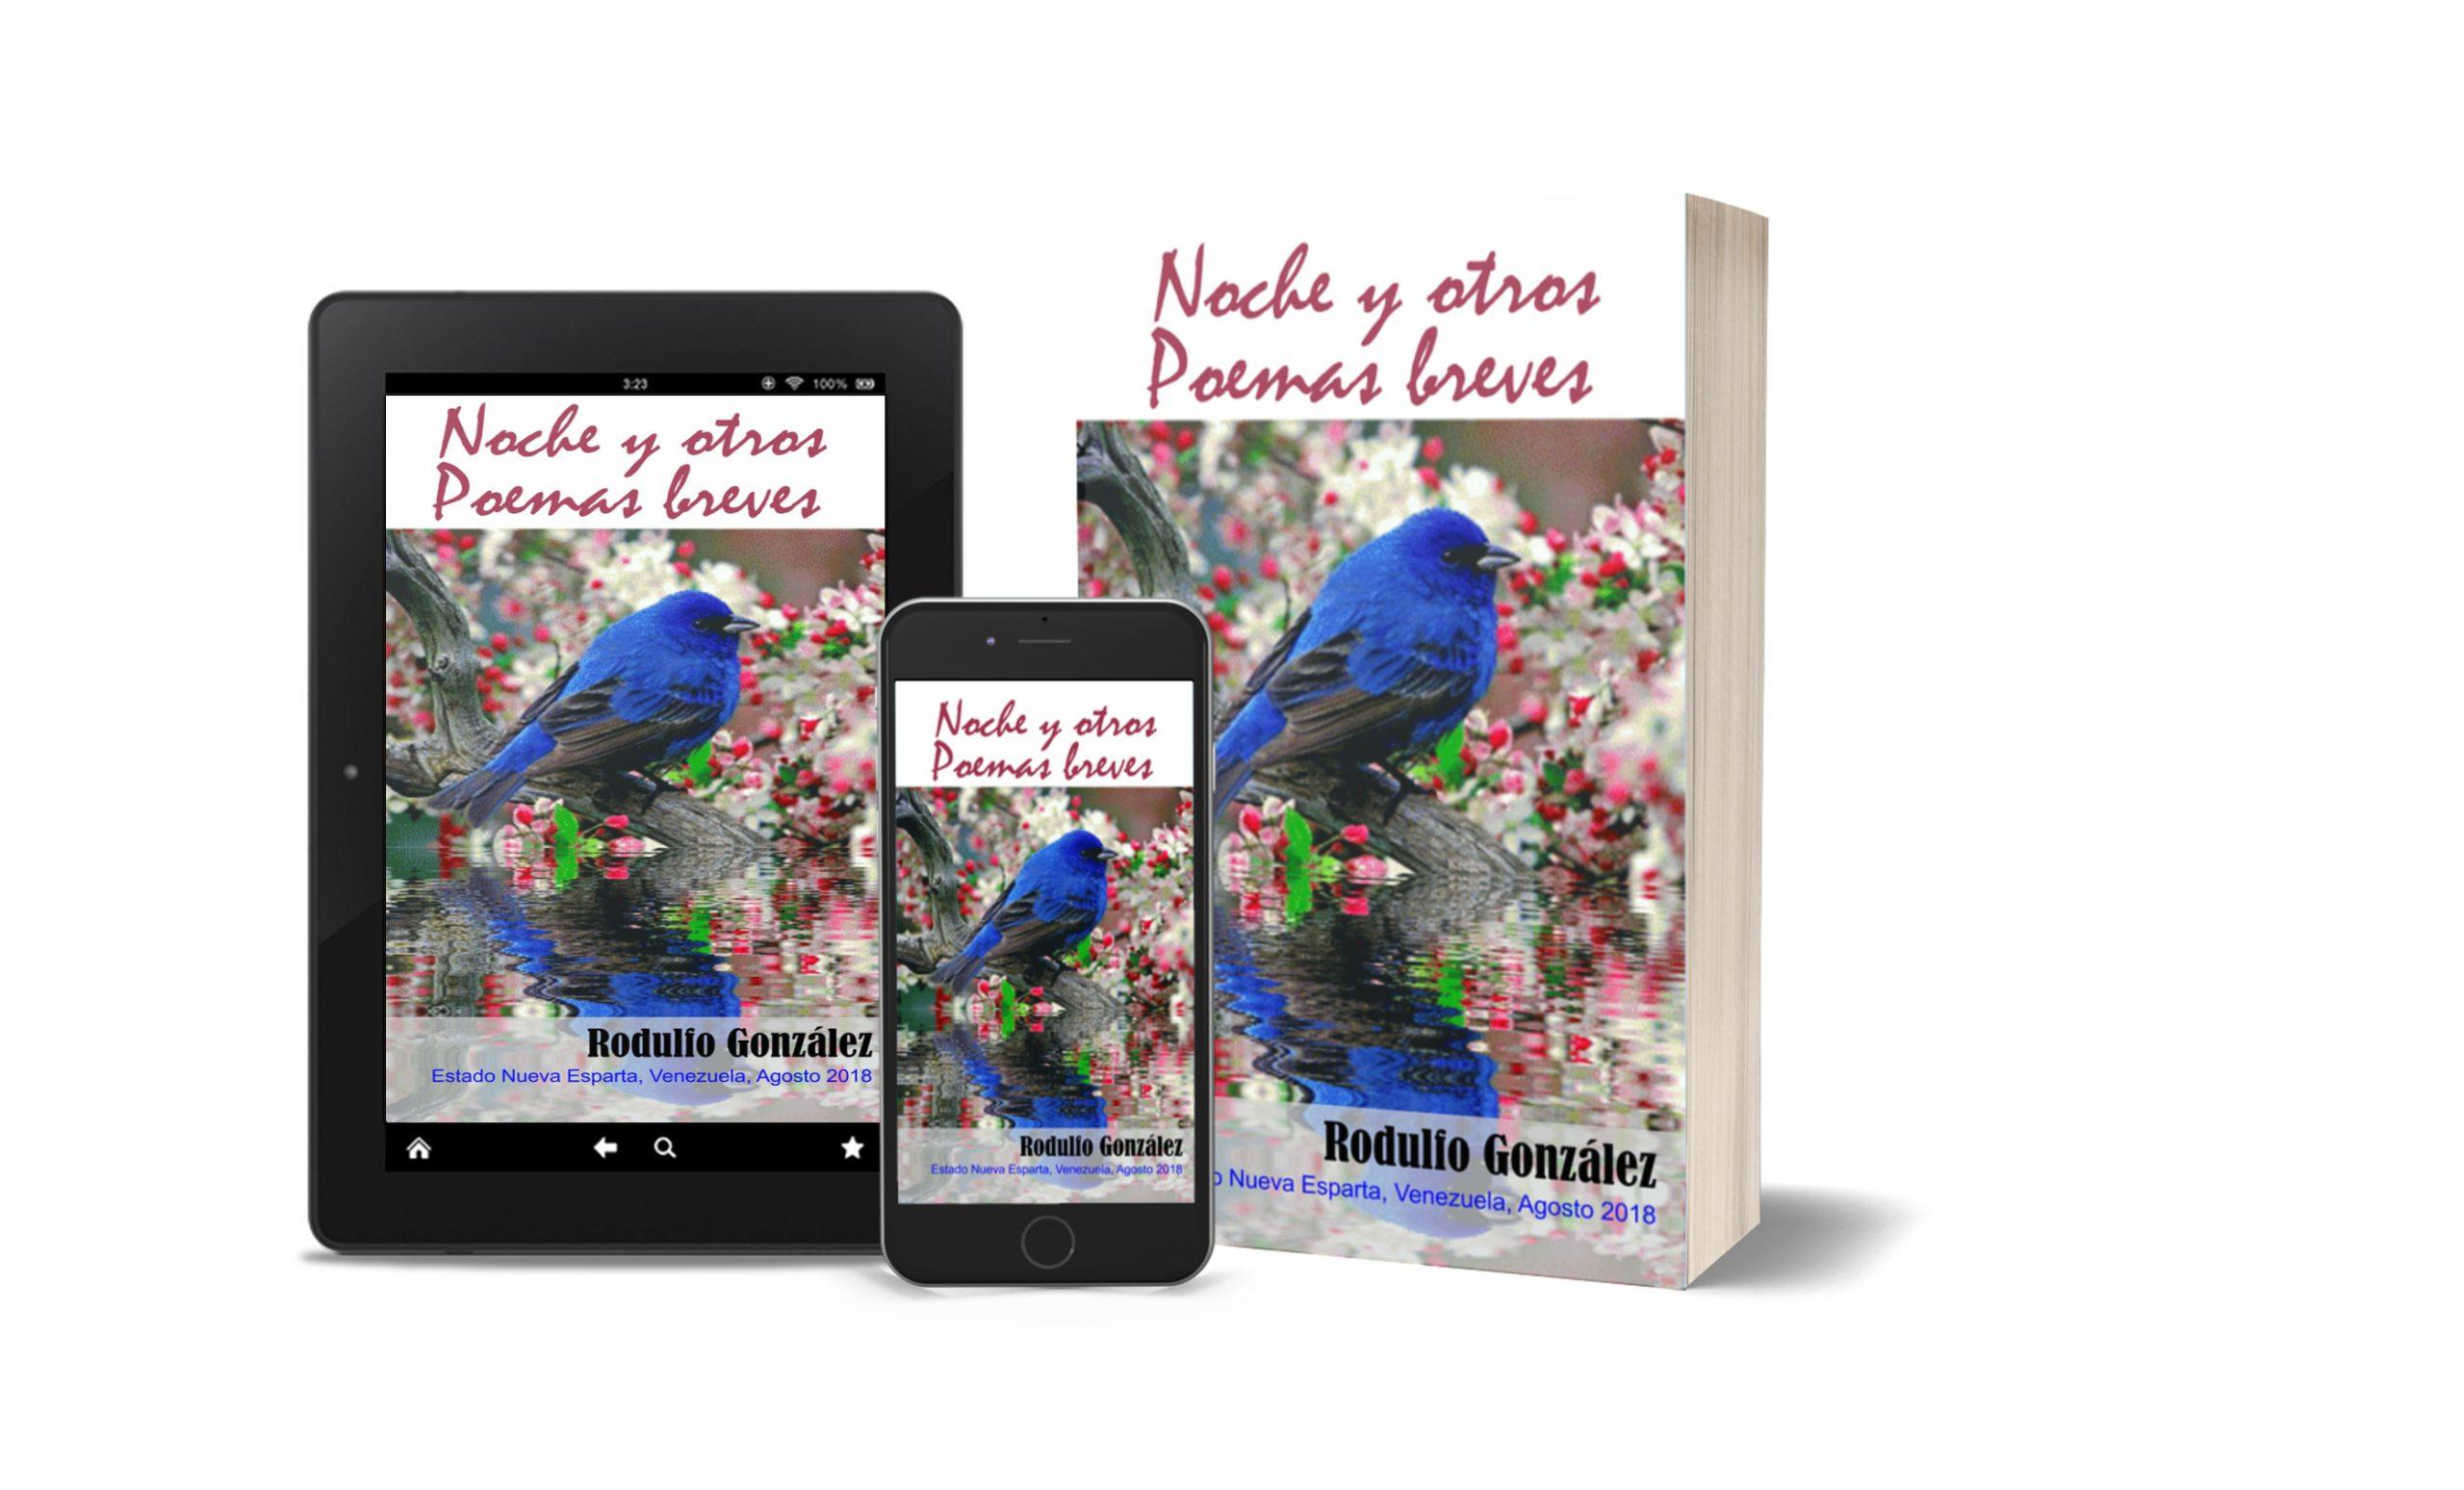 Noche y otros Poemas Breves de Rodulfo Gonzalez